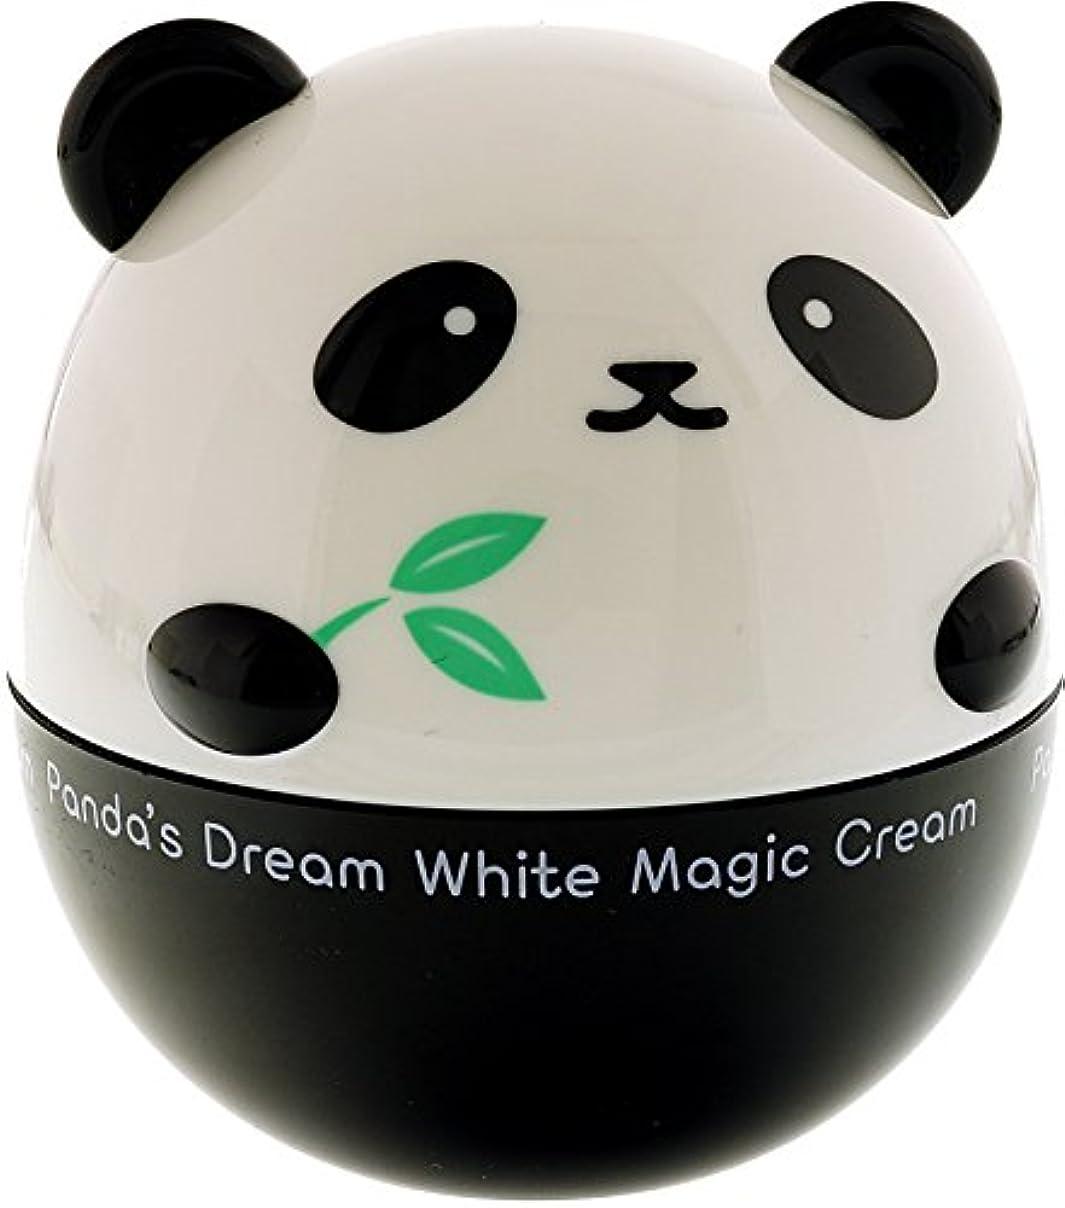 試みる留め金農村TONYMOLY Panda's Dream White Magic Cream (並行輸入品)